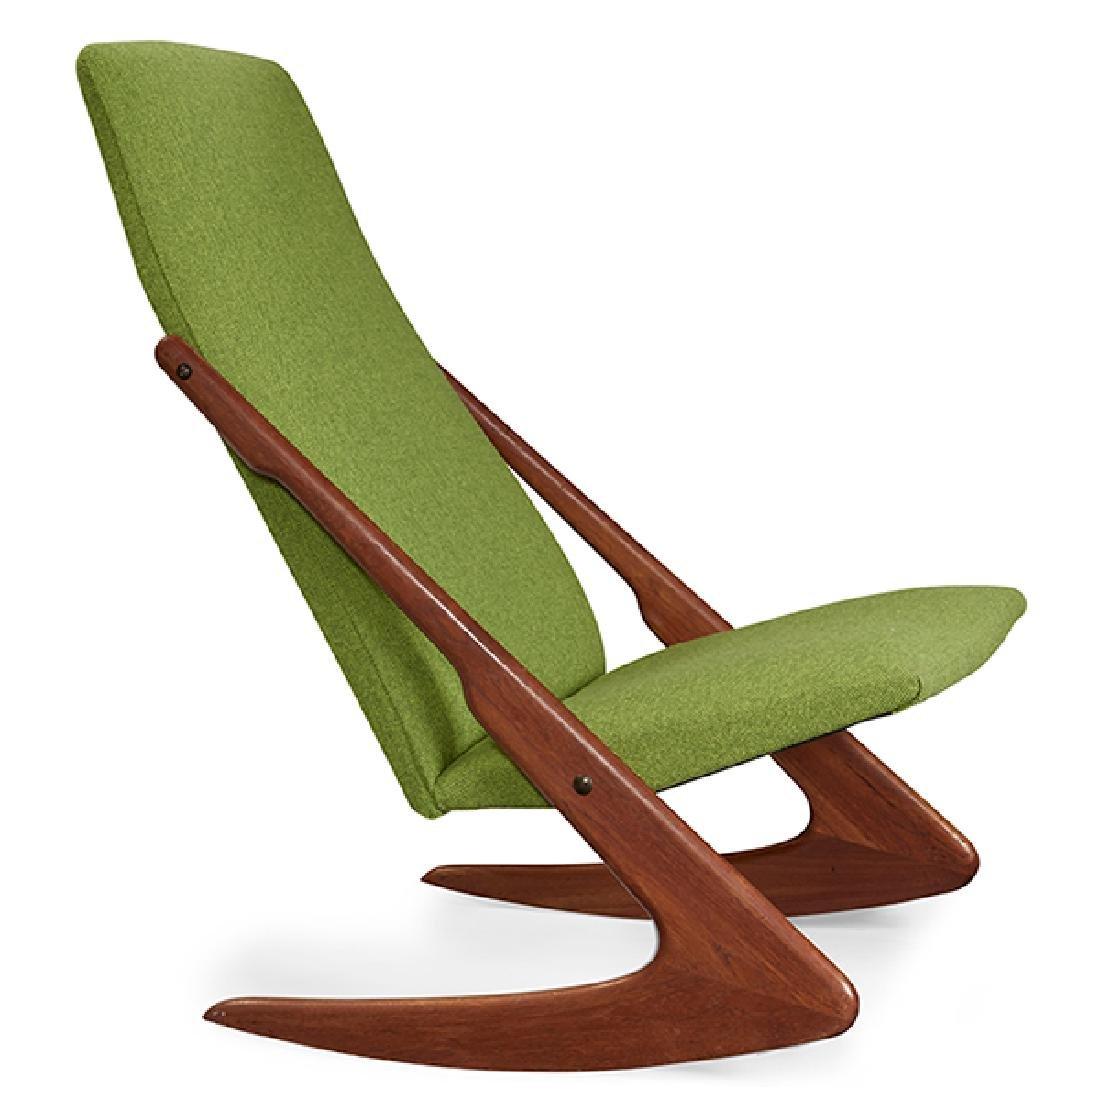 Kold Mobelfabrik Boomerang rocking lounge chair